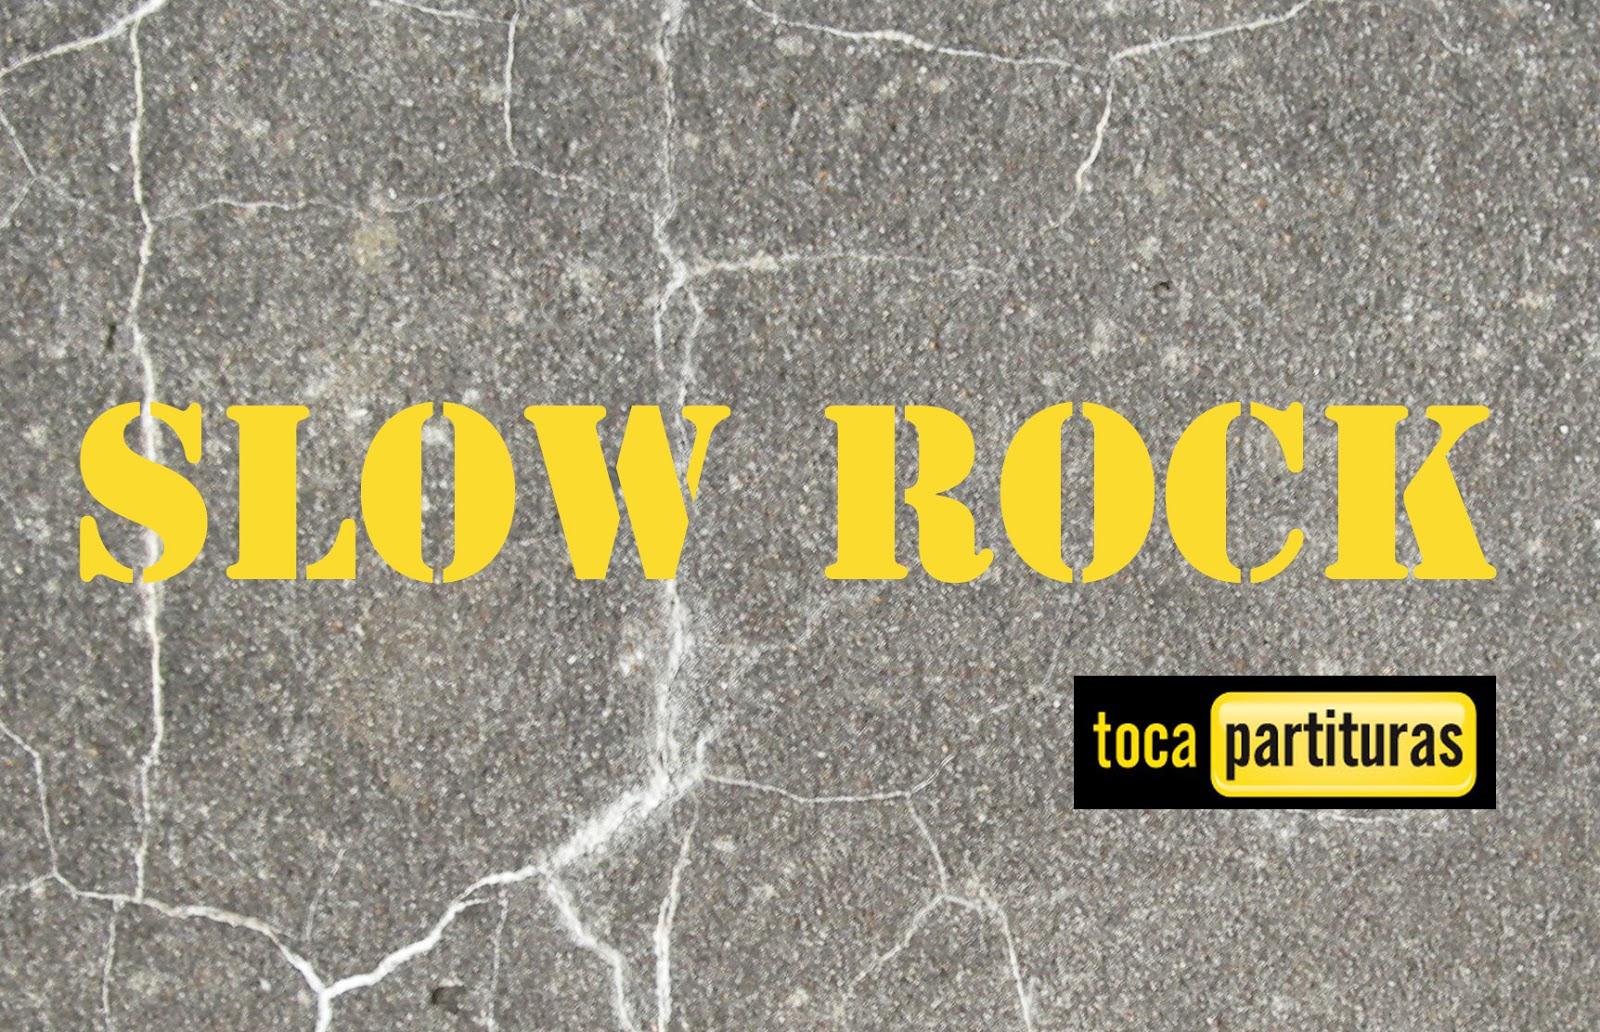 Slow Rock Partitura de Batería fácil para principiantes Rock Lento Sheet Music for Battery and Drums